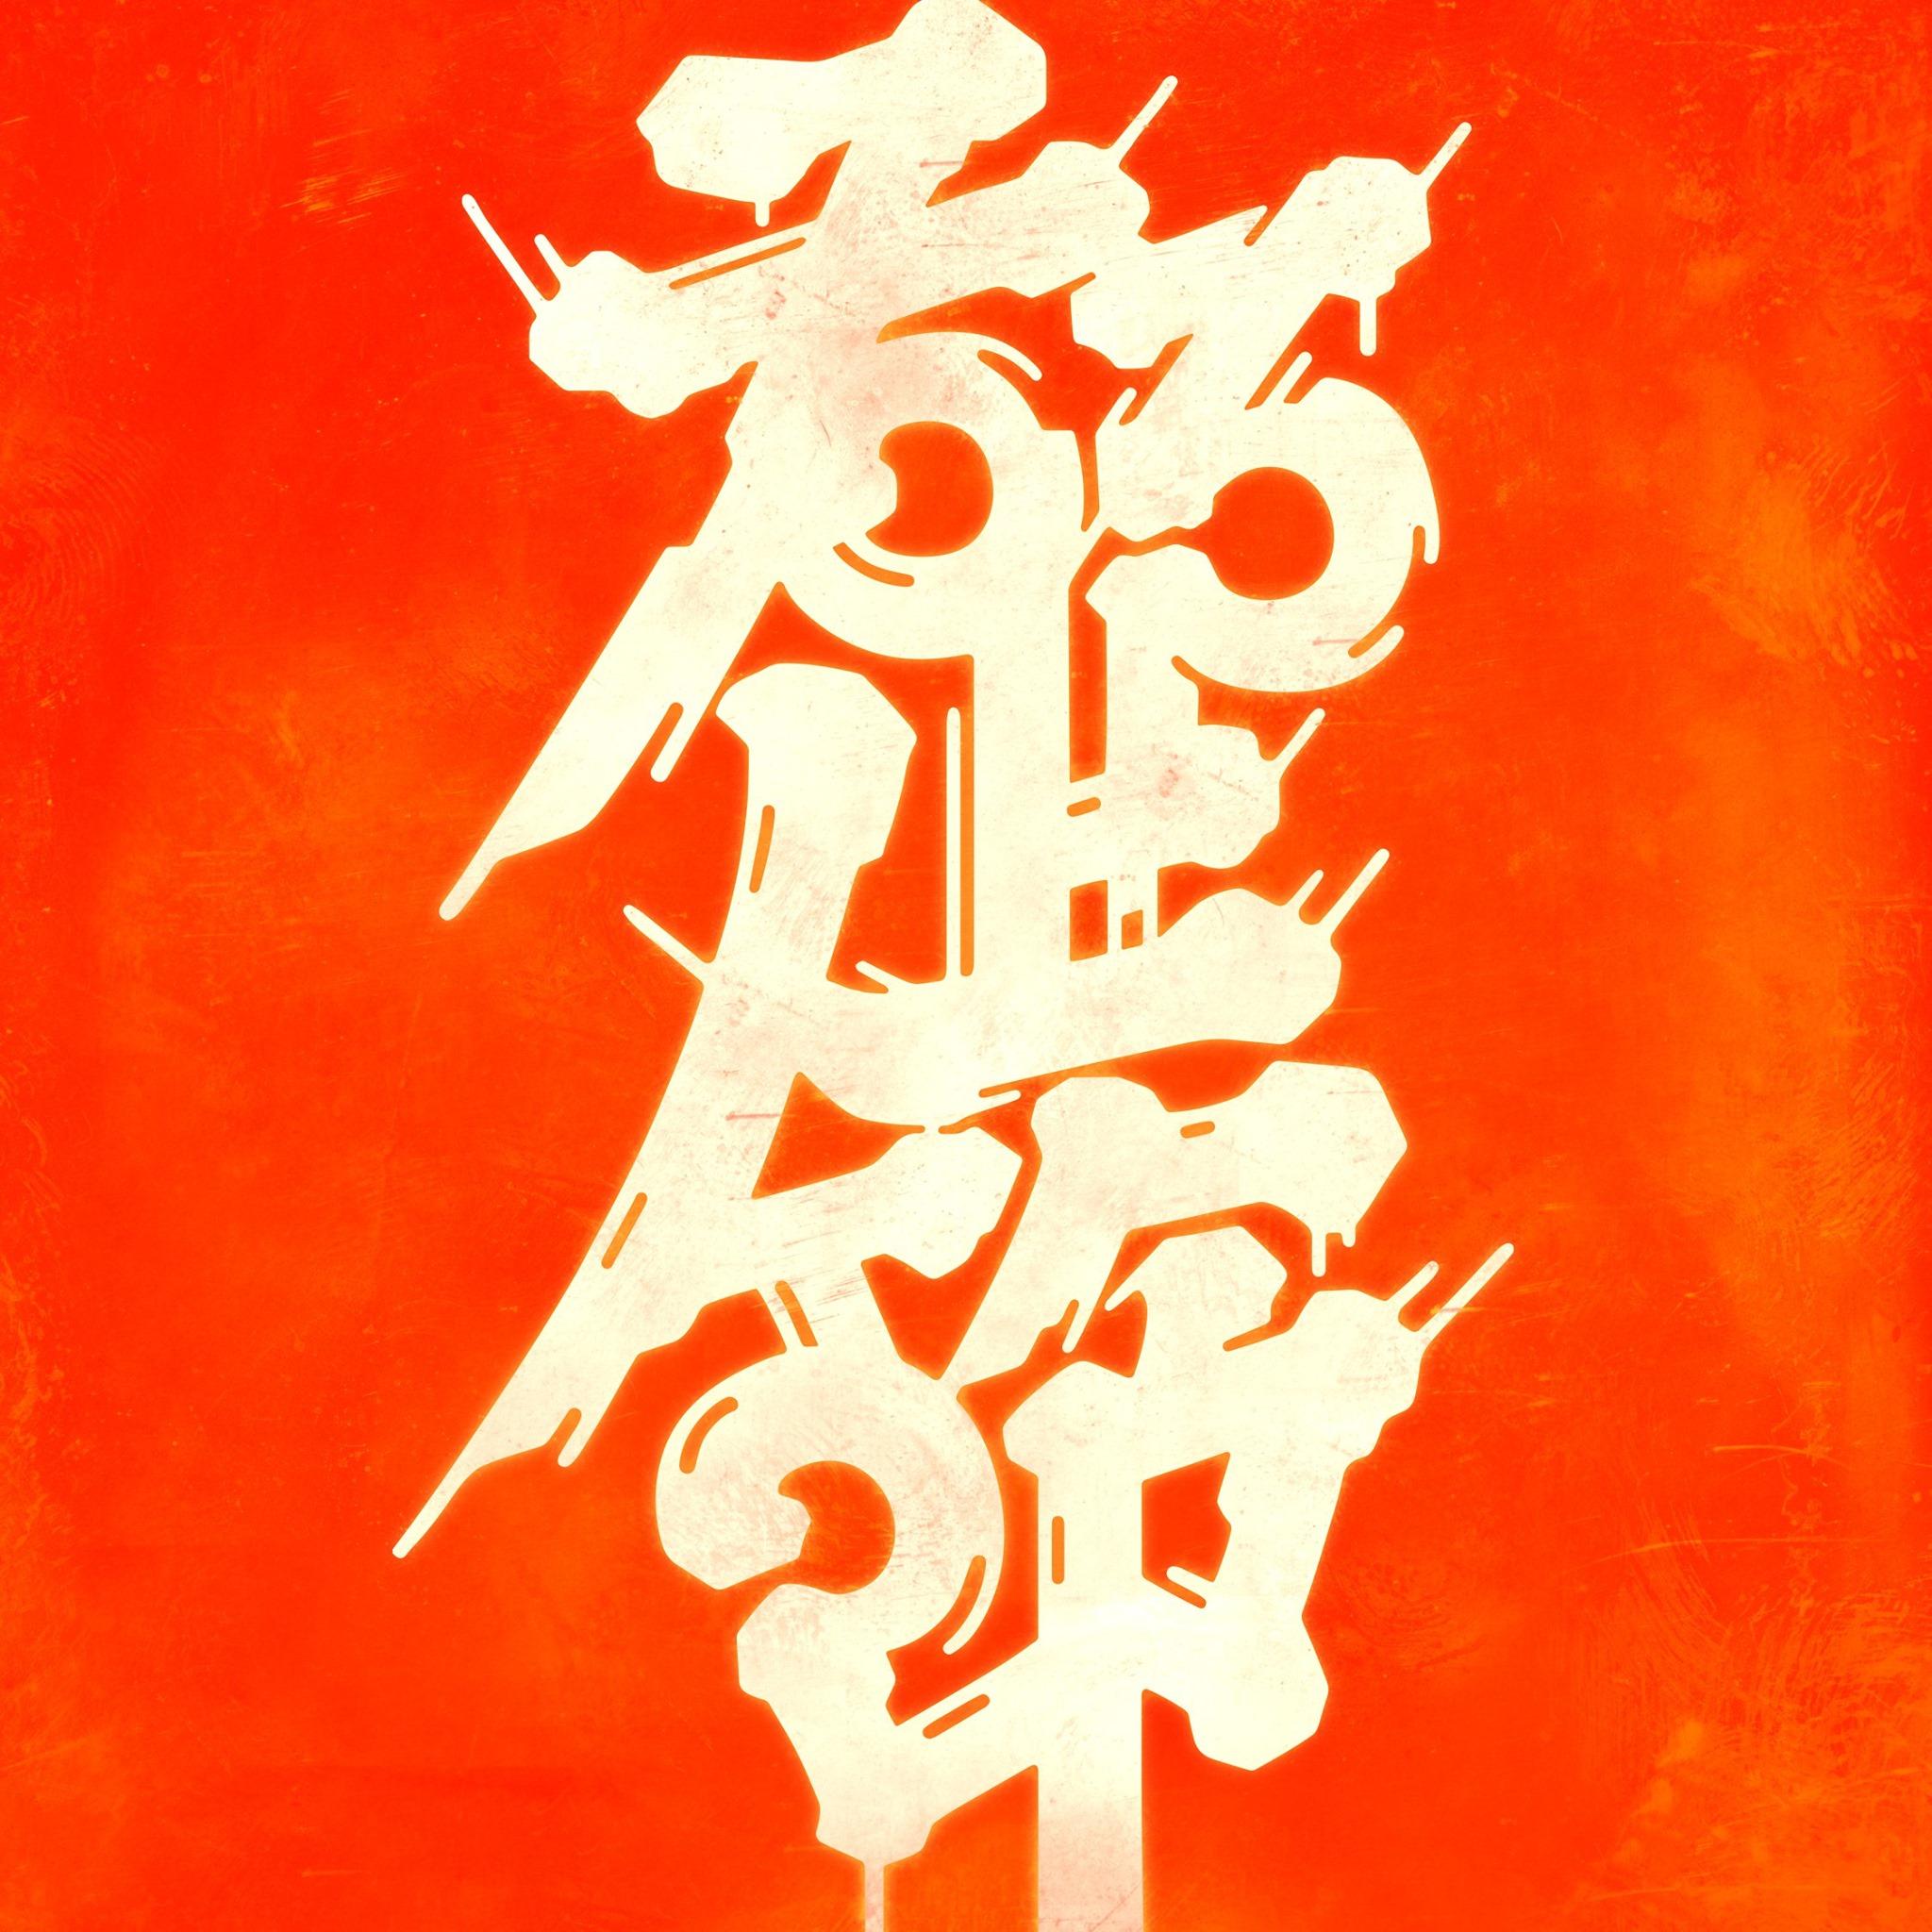 Gujoh_Bushi_190928.jpg